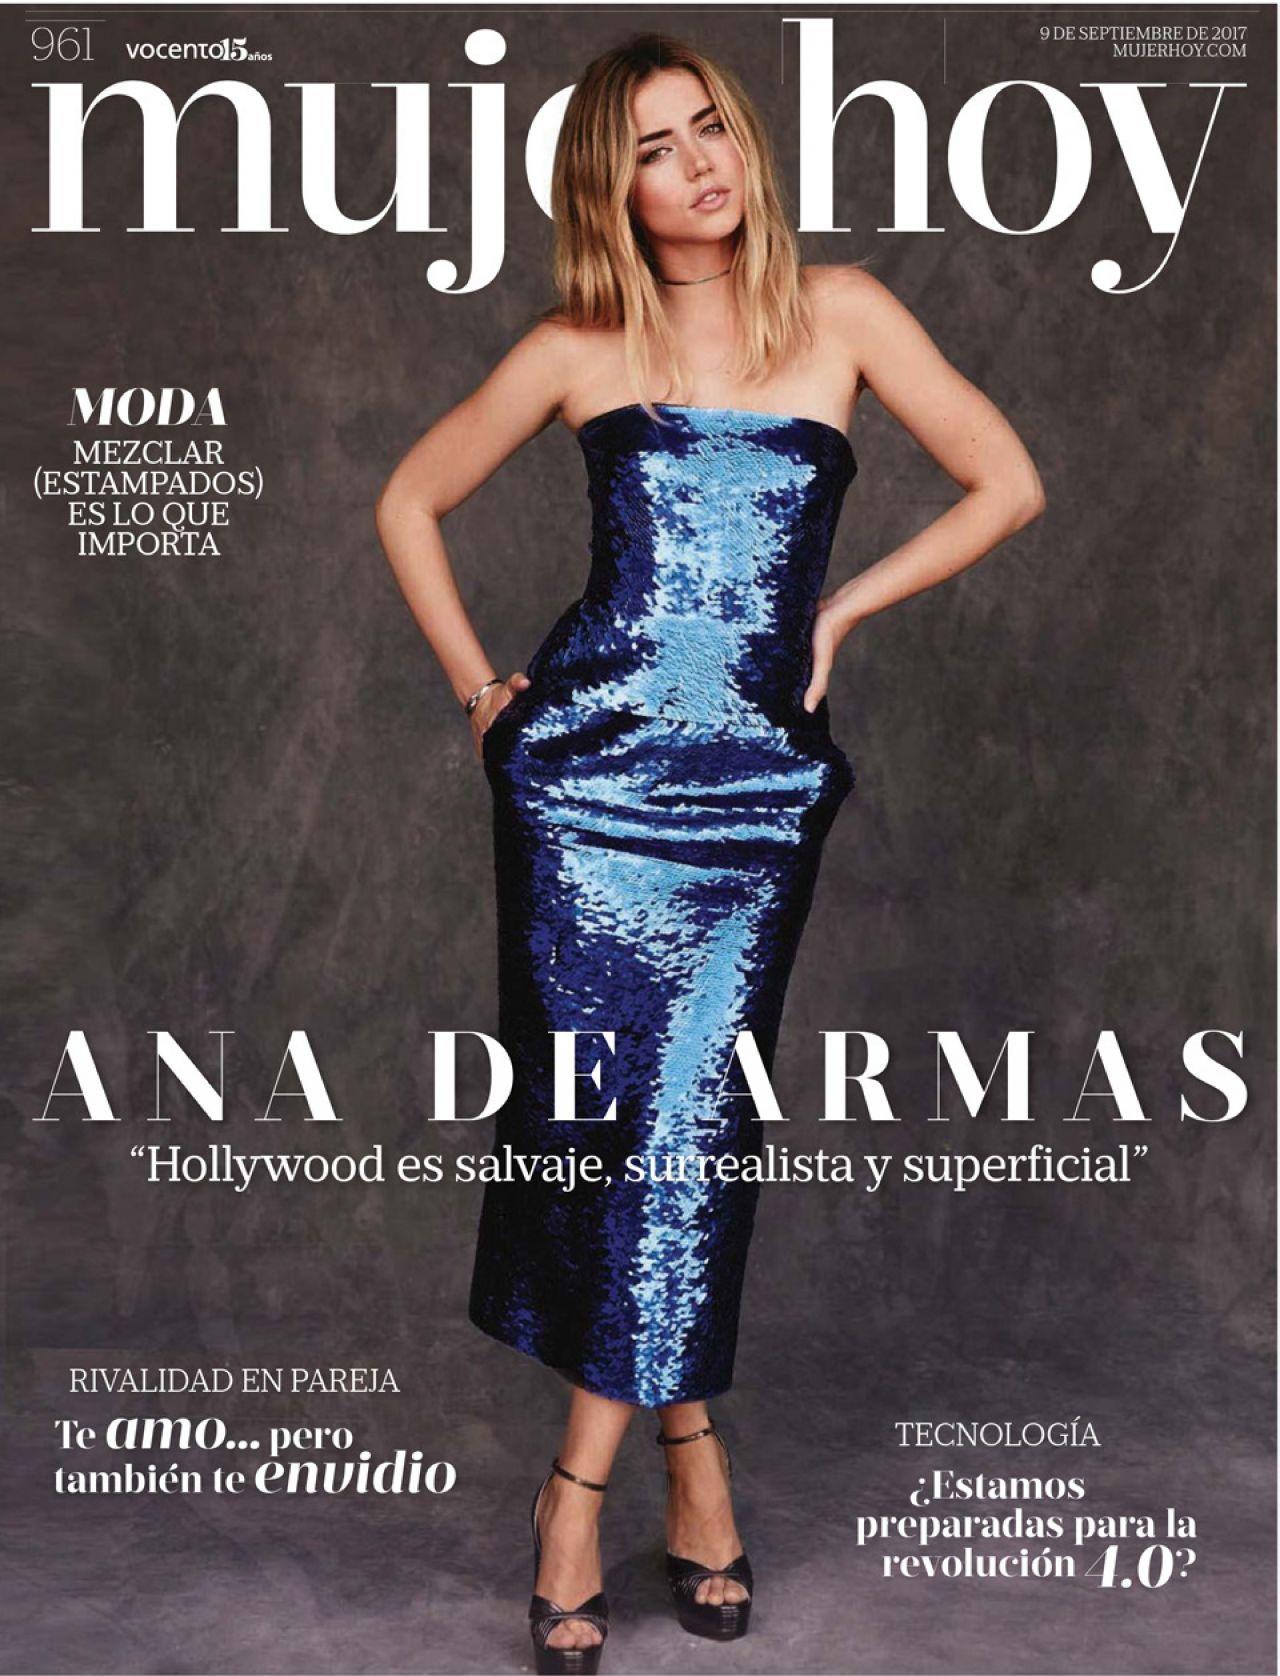 Ana de Armas - Mujer Hoy Magazine September 2017 Issue